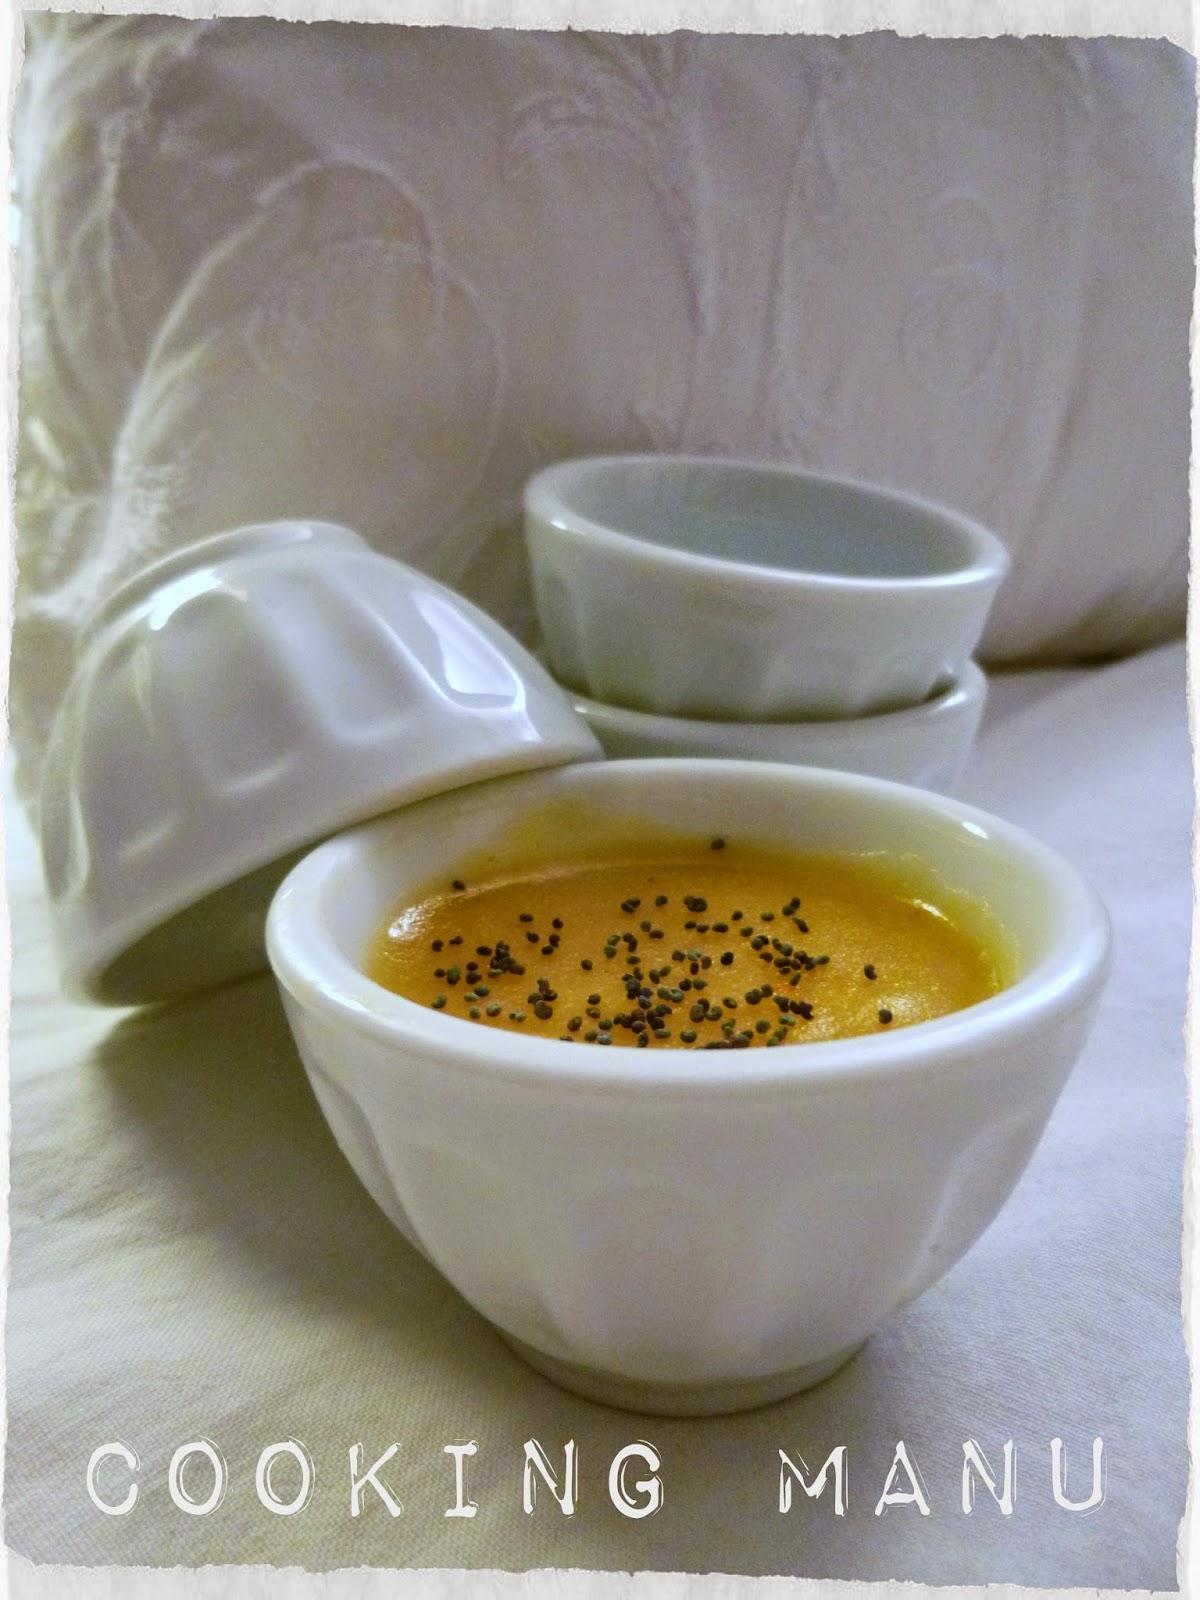 crema di patate con semi di papavero (potato cream with poppy seeds)